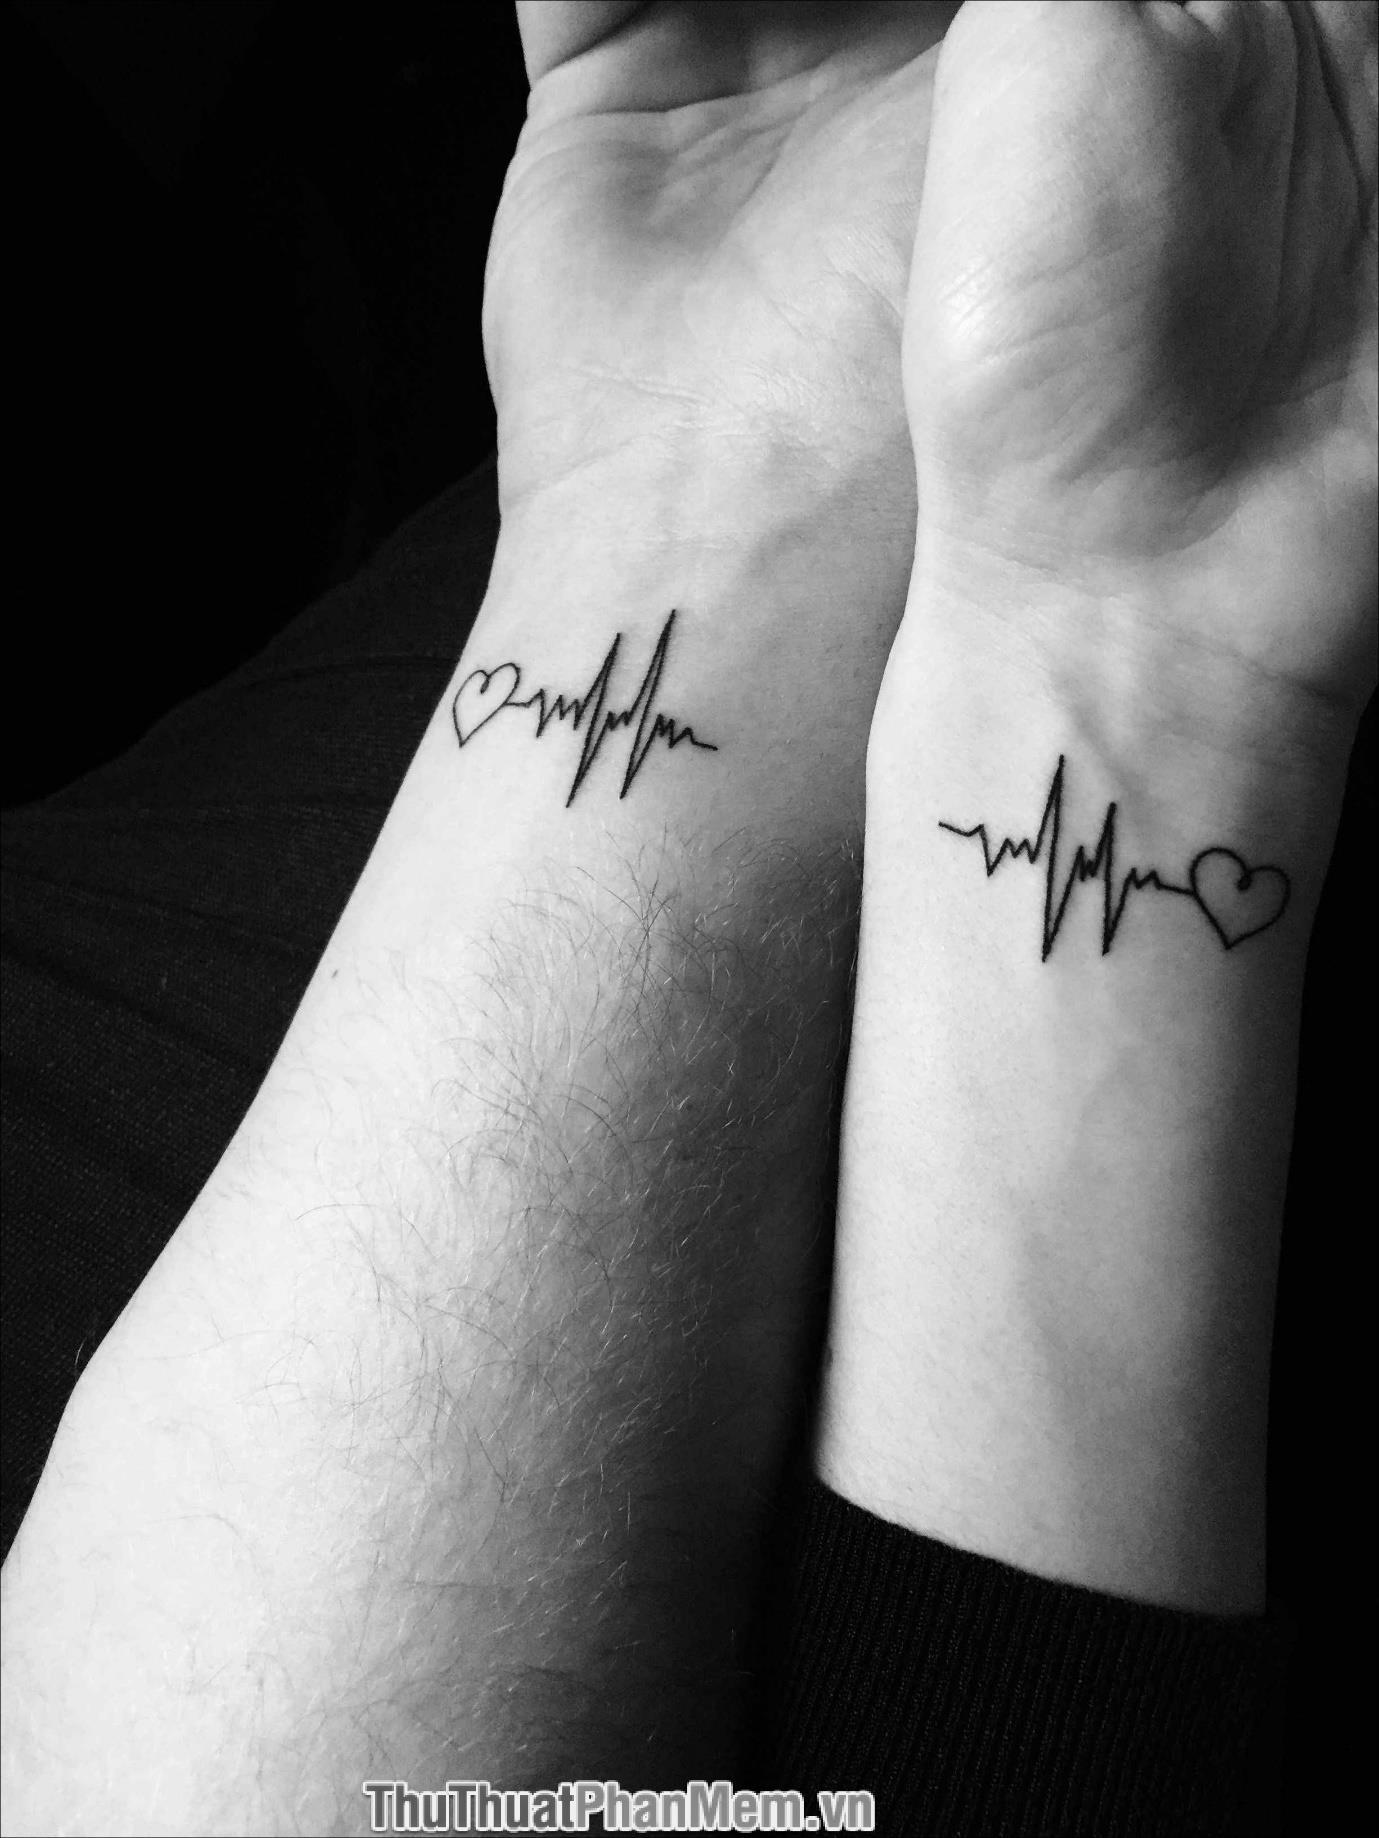 Tình yêu khiến trái tim hai ta thổn thức, loạn nhịp